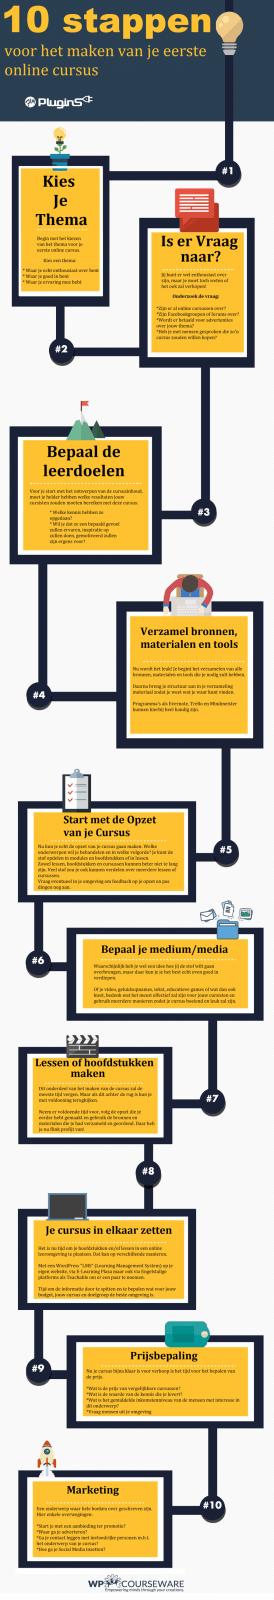 online cursus maken, een infographic met 10 stappen